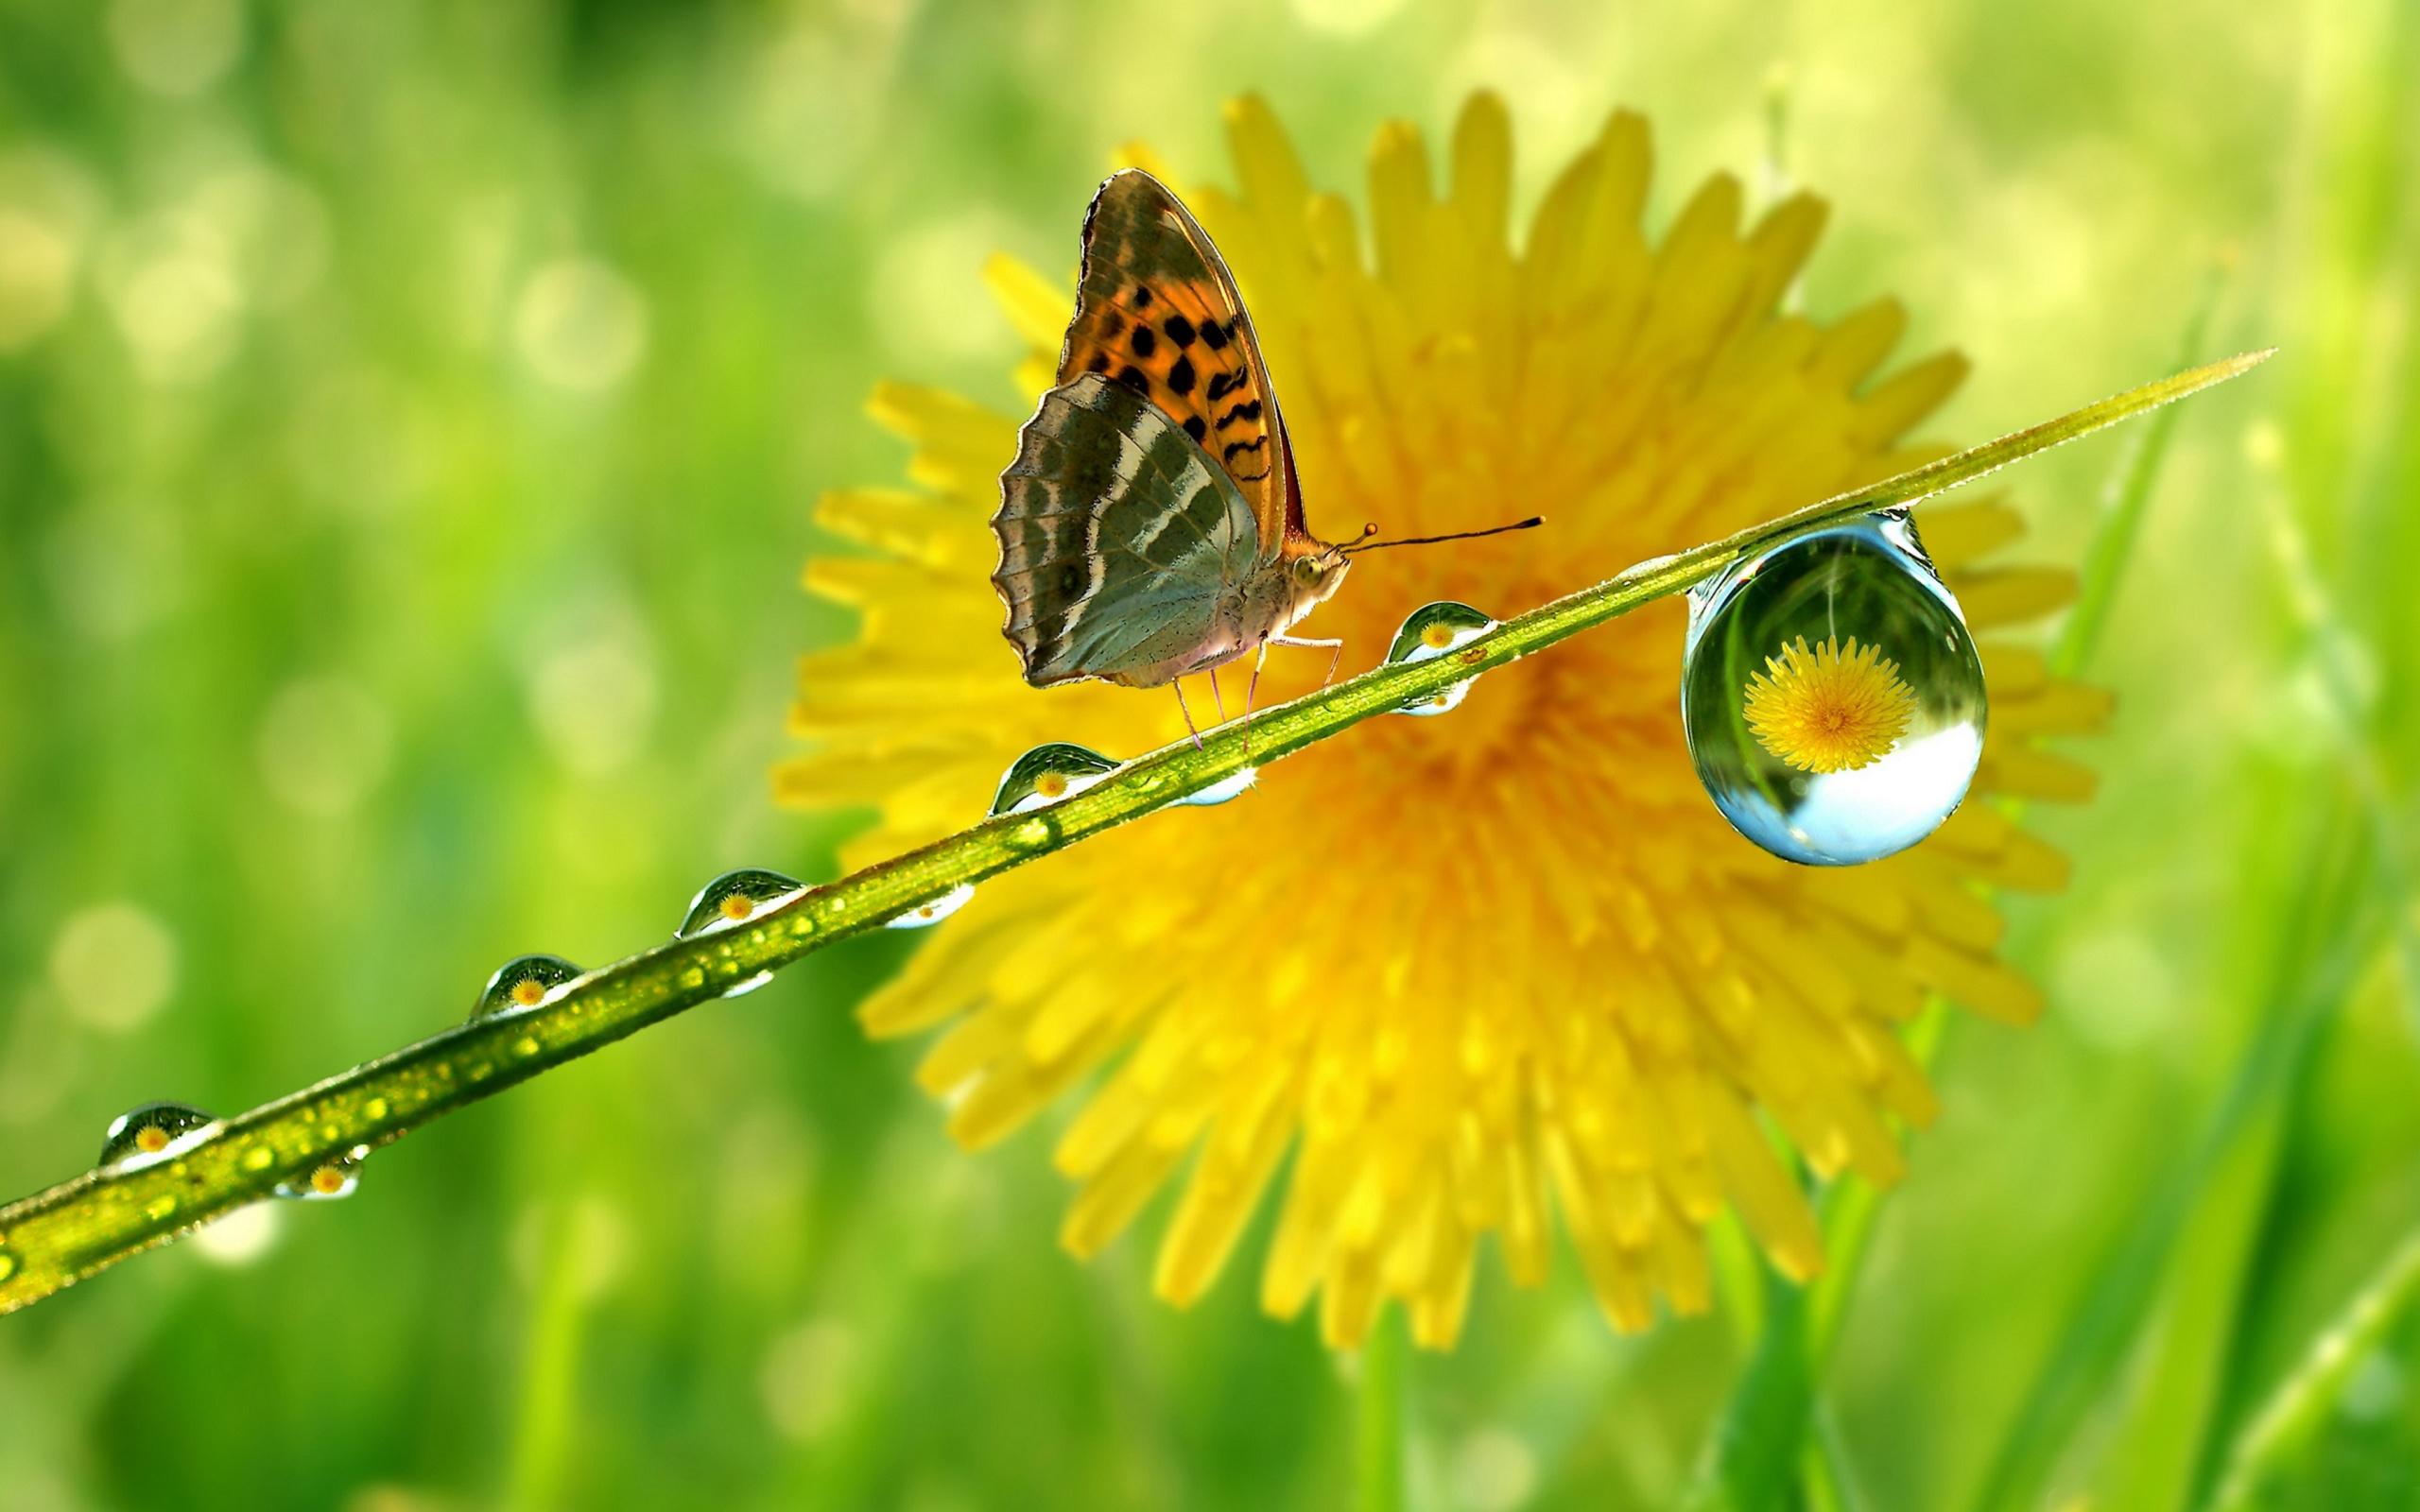 макро одуванчик животное насекомое пчела цветы природа  № 3007287  скачать